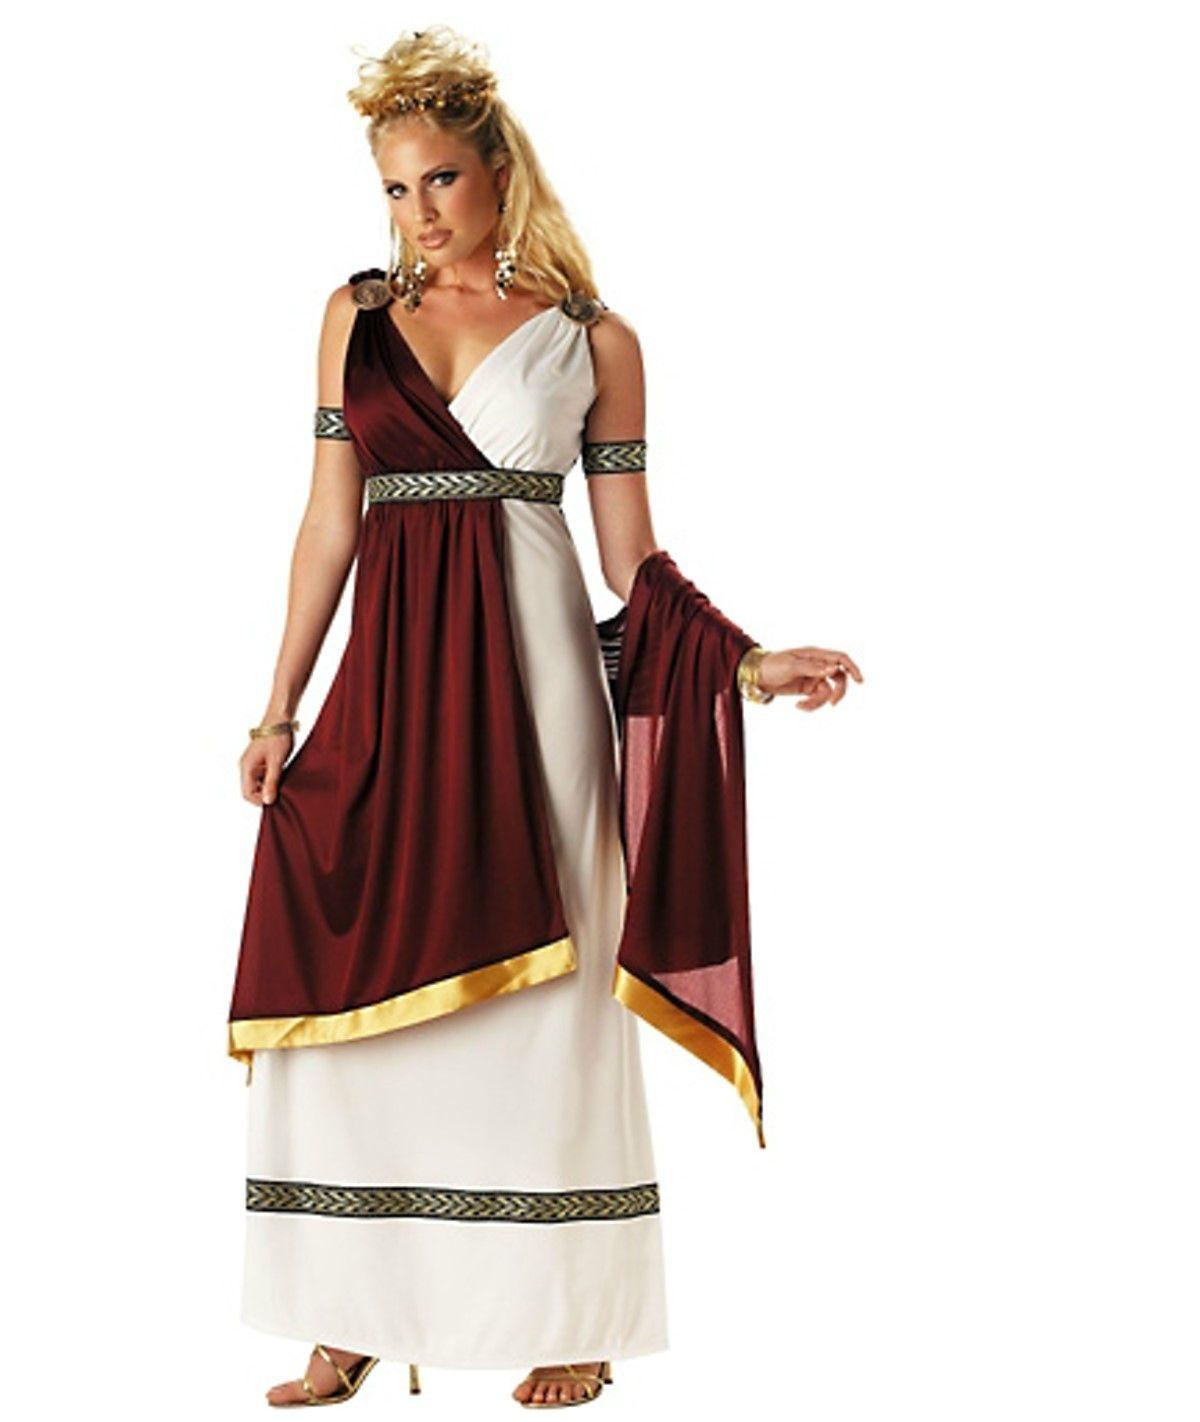 Designer Schön Römische Abend Kleider Spezialgebiet20 Erstaunlich Römische Abend Kleider Galerie